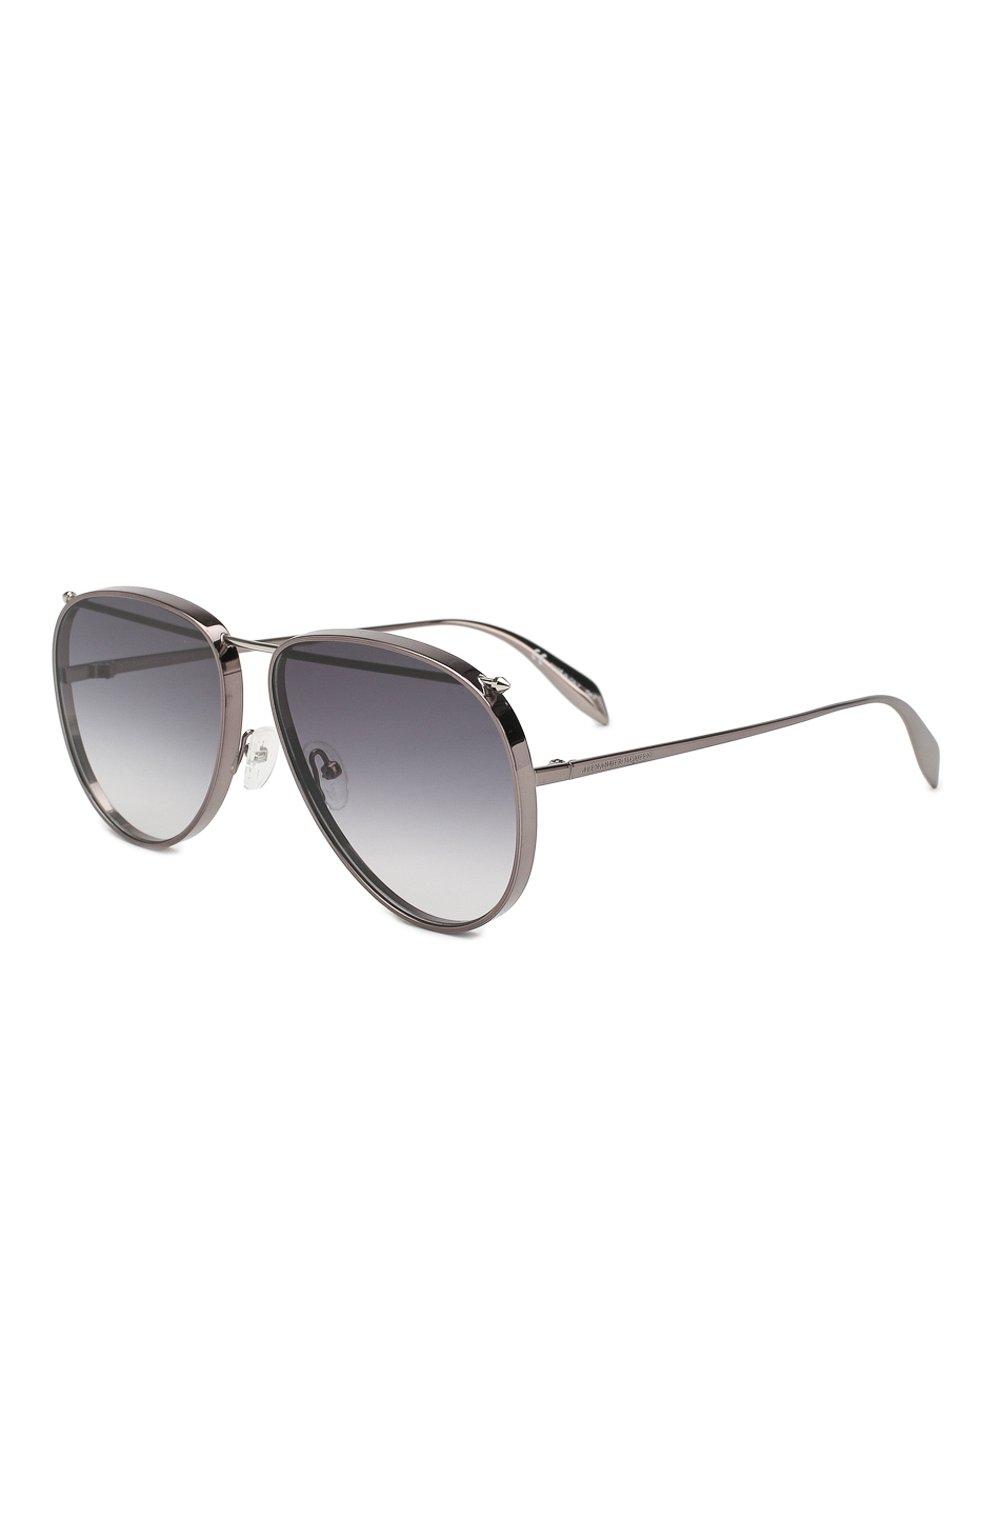 Женские солнцезащитные очки ALEXANDER MCQUEEN серого цвета, арт. AM0170 003 | Фото 1